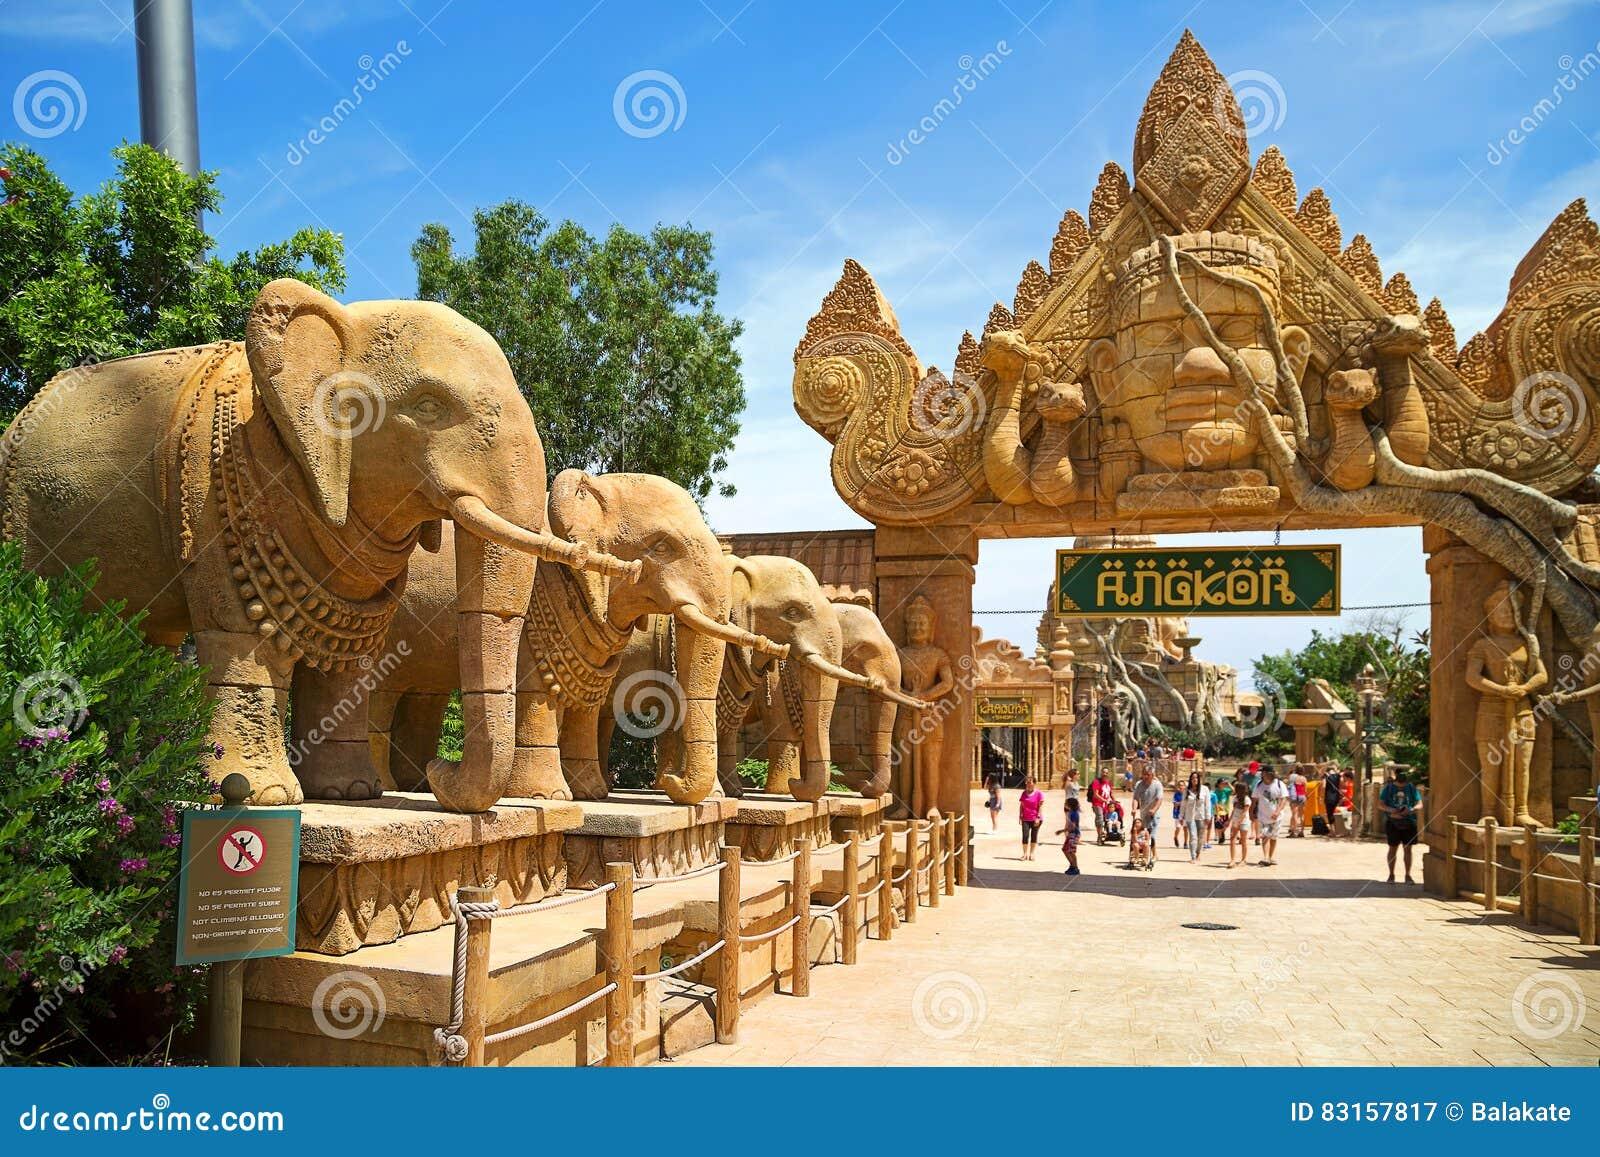 attraction angkor dans le port aventura de parc th me dans la ville salou catalogne espagne. Black Bedroom Furniture Sets. Home Design Ideas